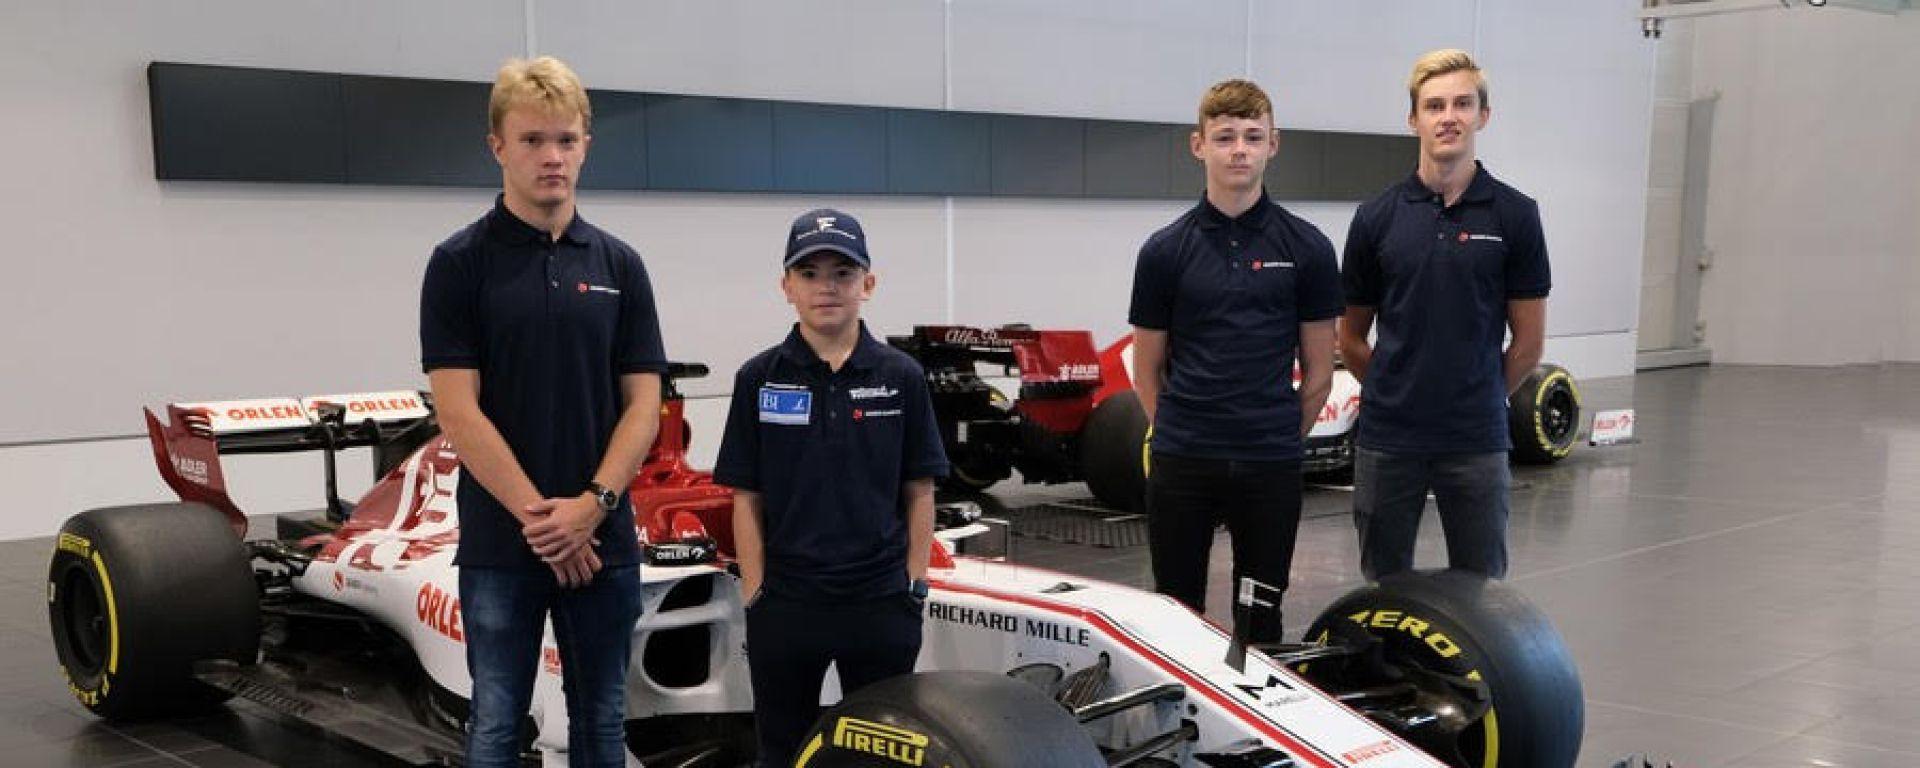 I quattro piloti della Sauber Academy: da sinistra: Petr Ptacek, Emerson Fittipaldi Jr, Dexter Patterson e Théo Pourchaire